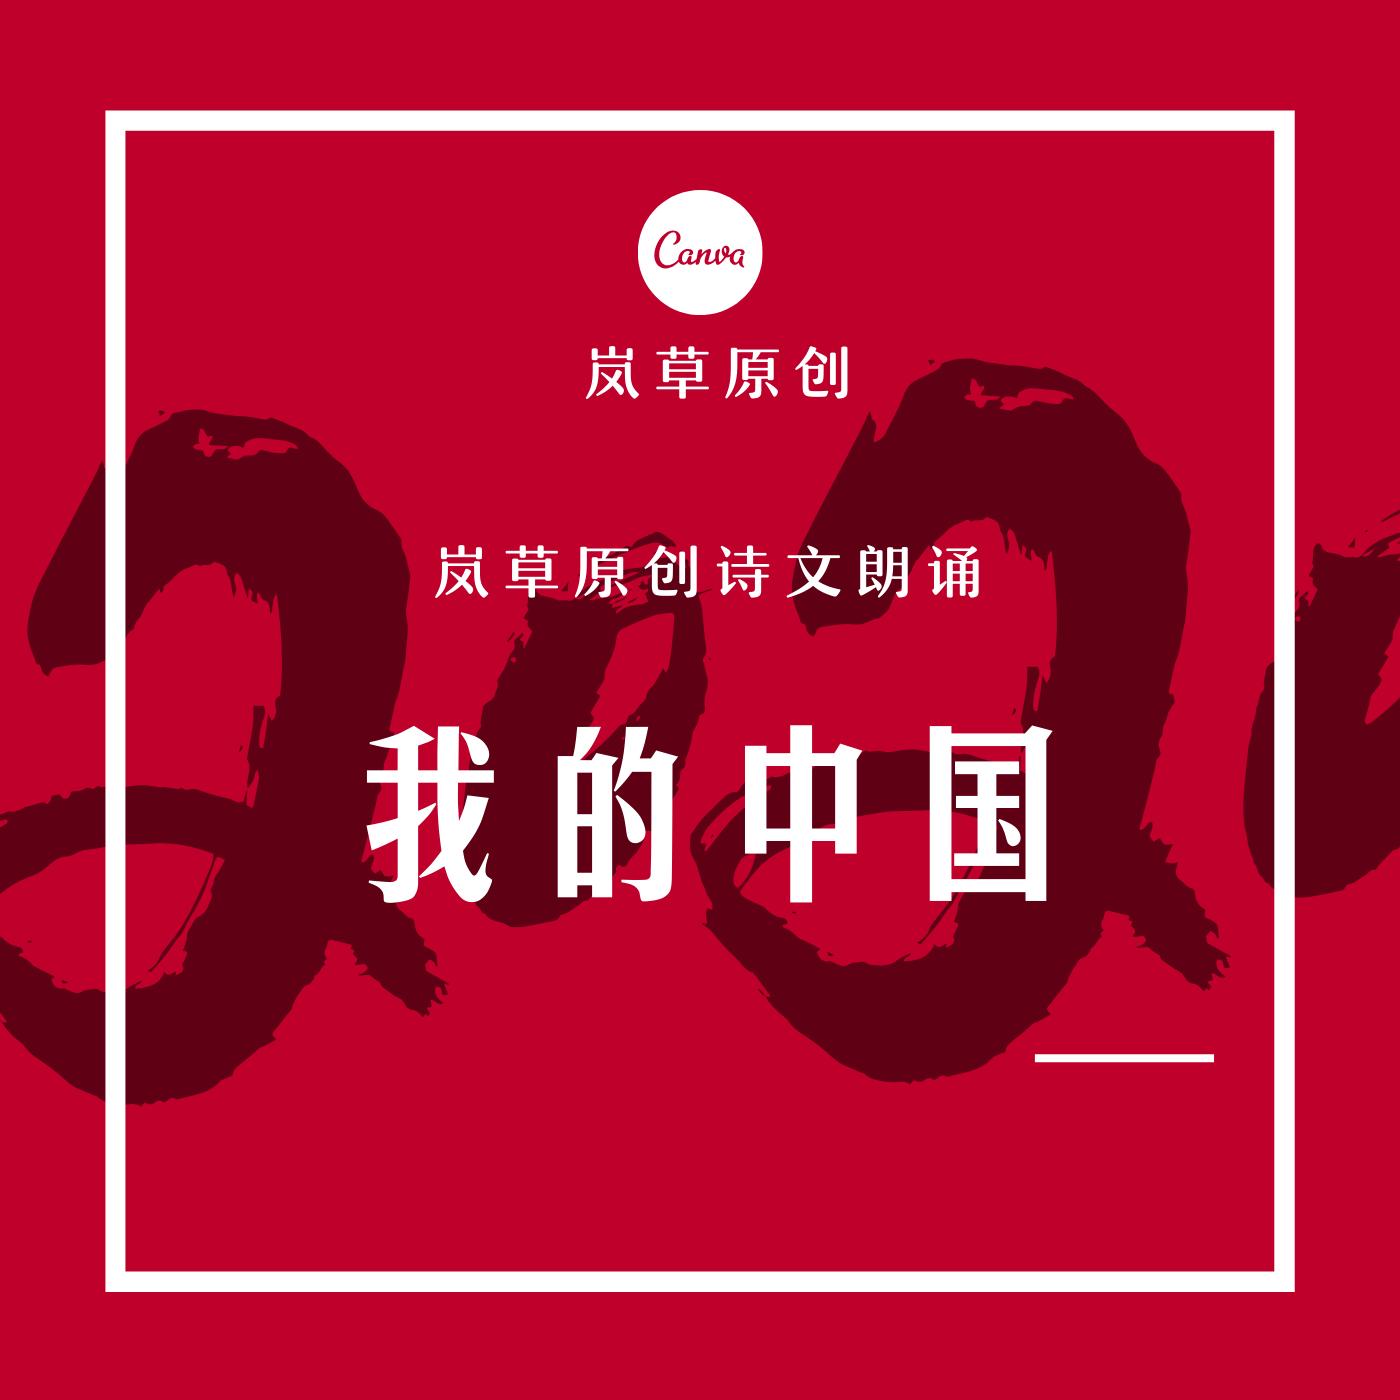 岚草原创诗文朗诵《我的中国》